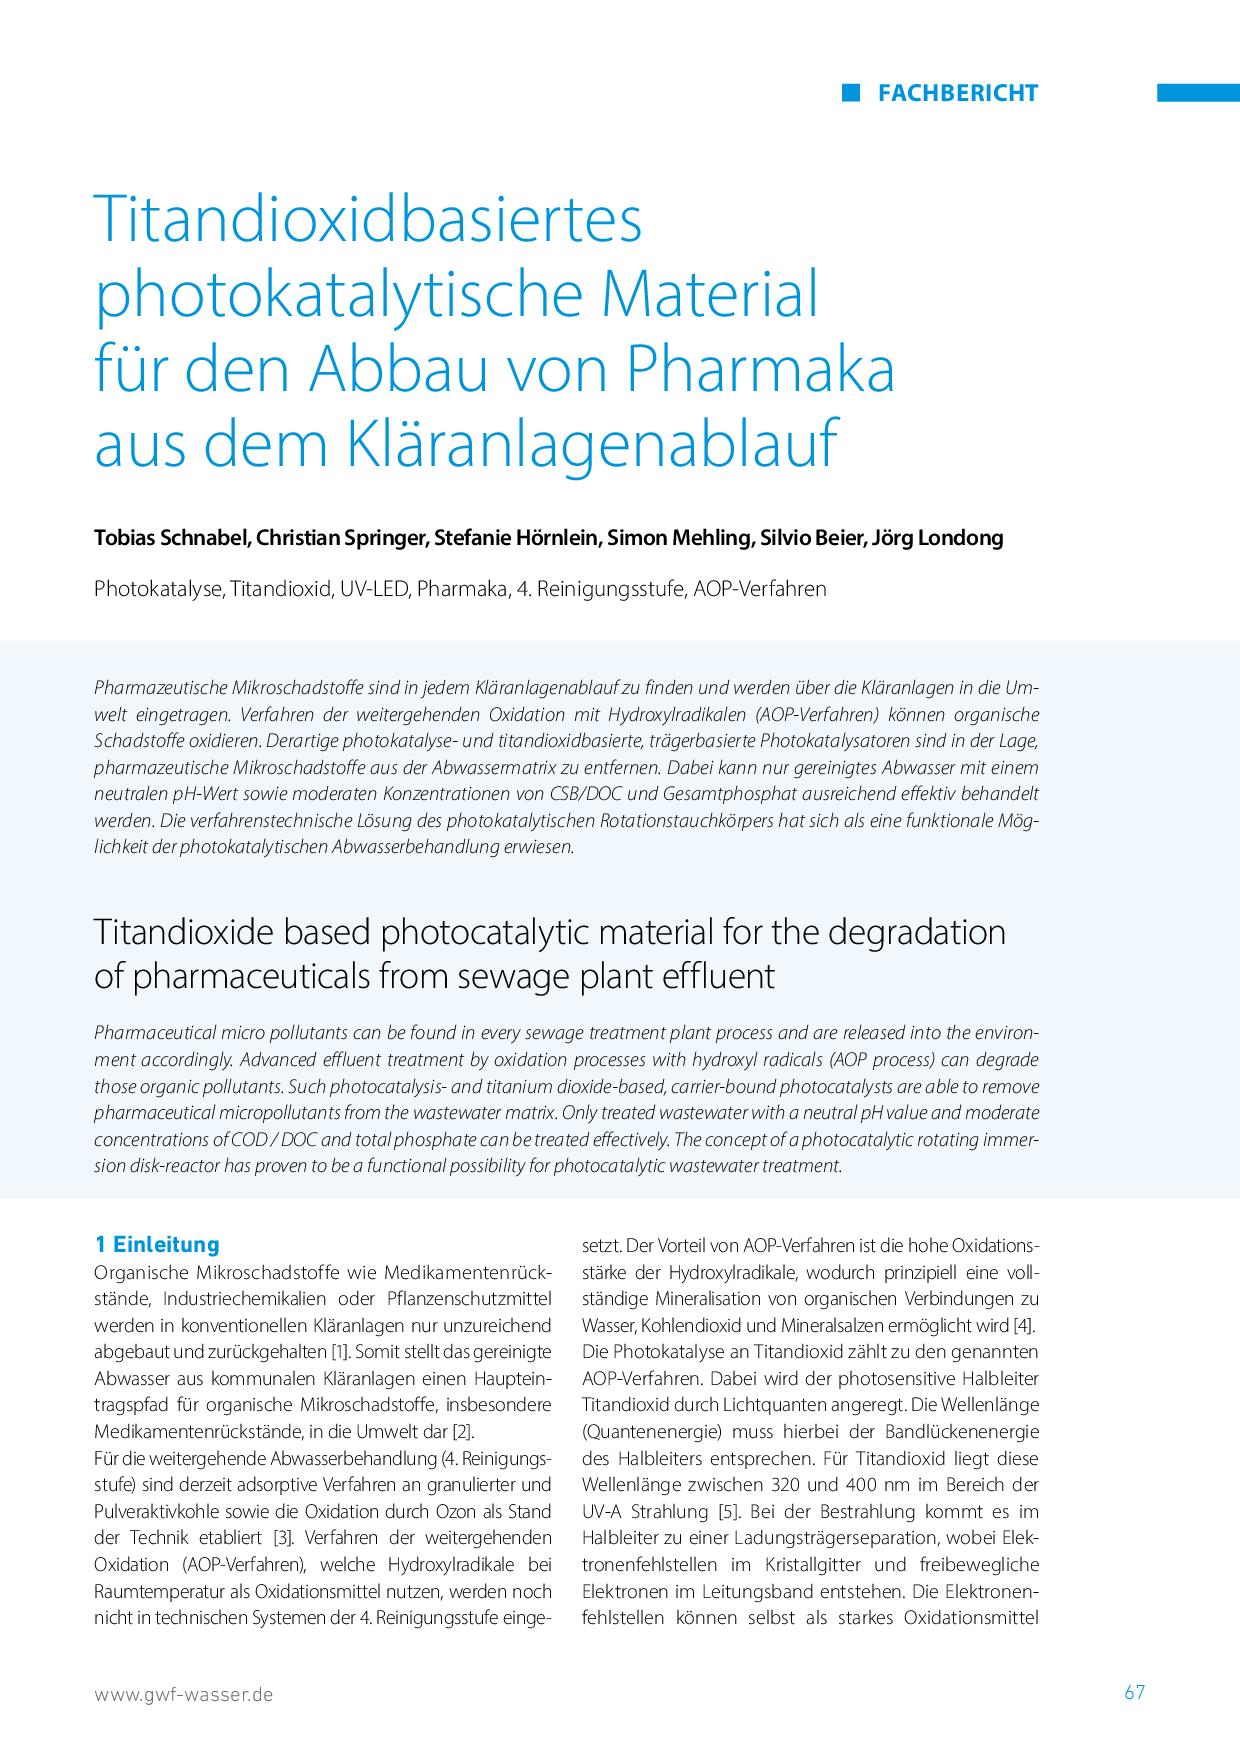 Titandioxidbasiertes photokatalytische Material für den Abbau von Pharmaka aus dem Kläranlagenablauf